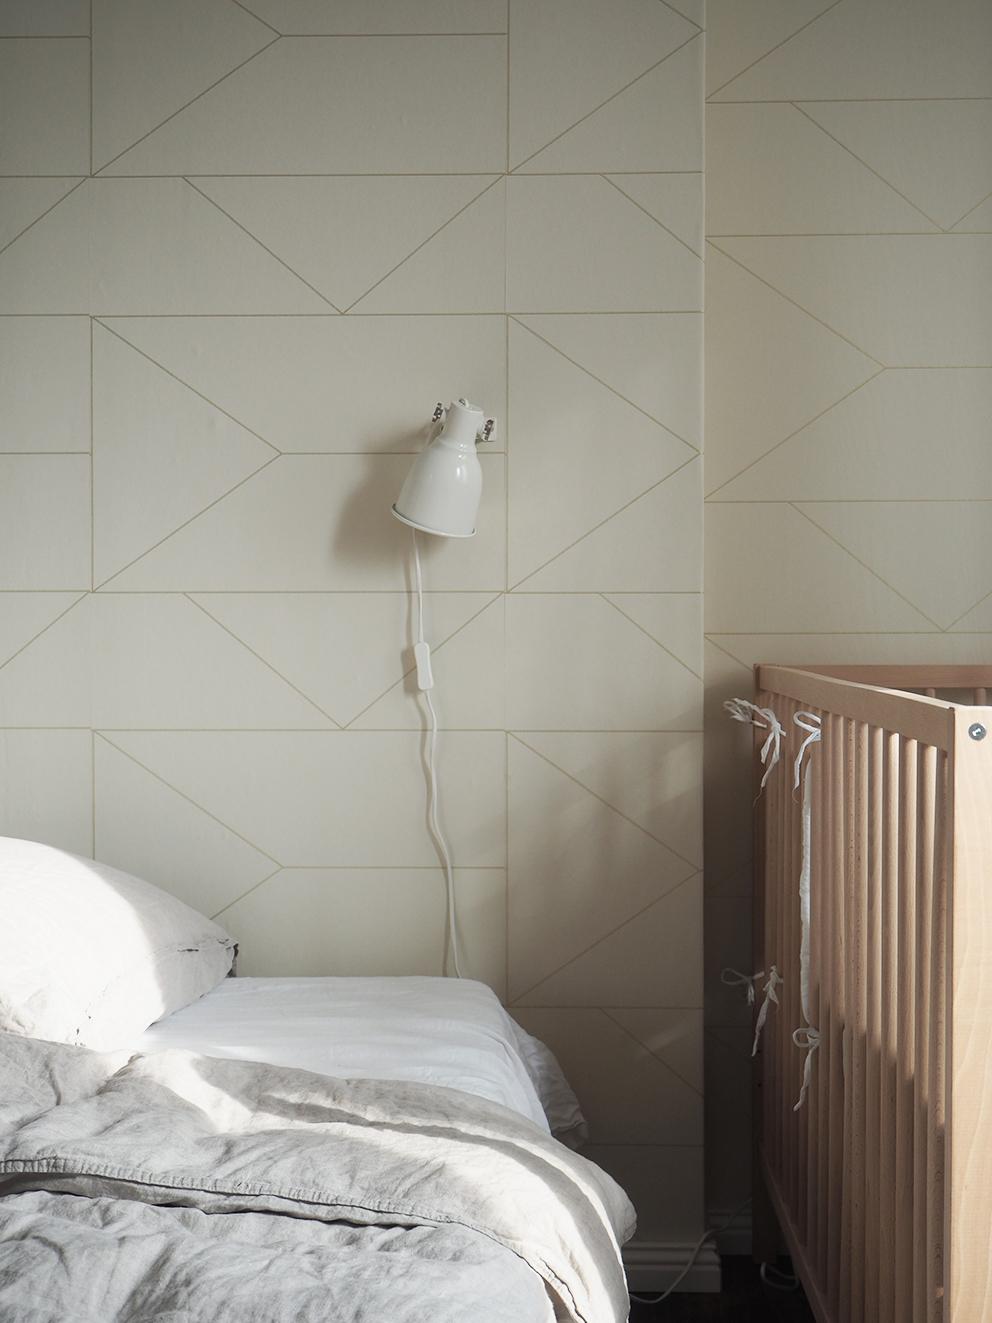 Großartig Schlafzimmer Elektrischer Schaltplan Bilder - Die Besten ...